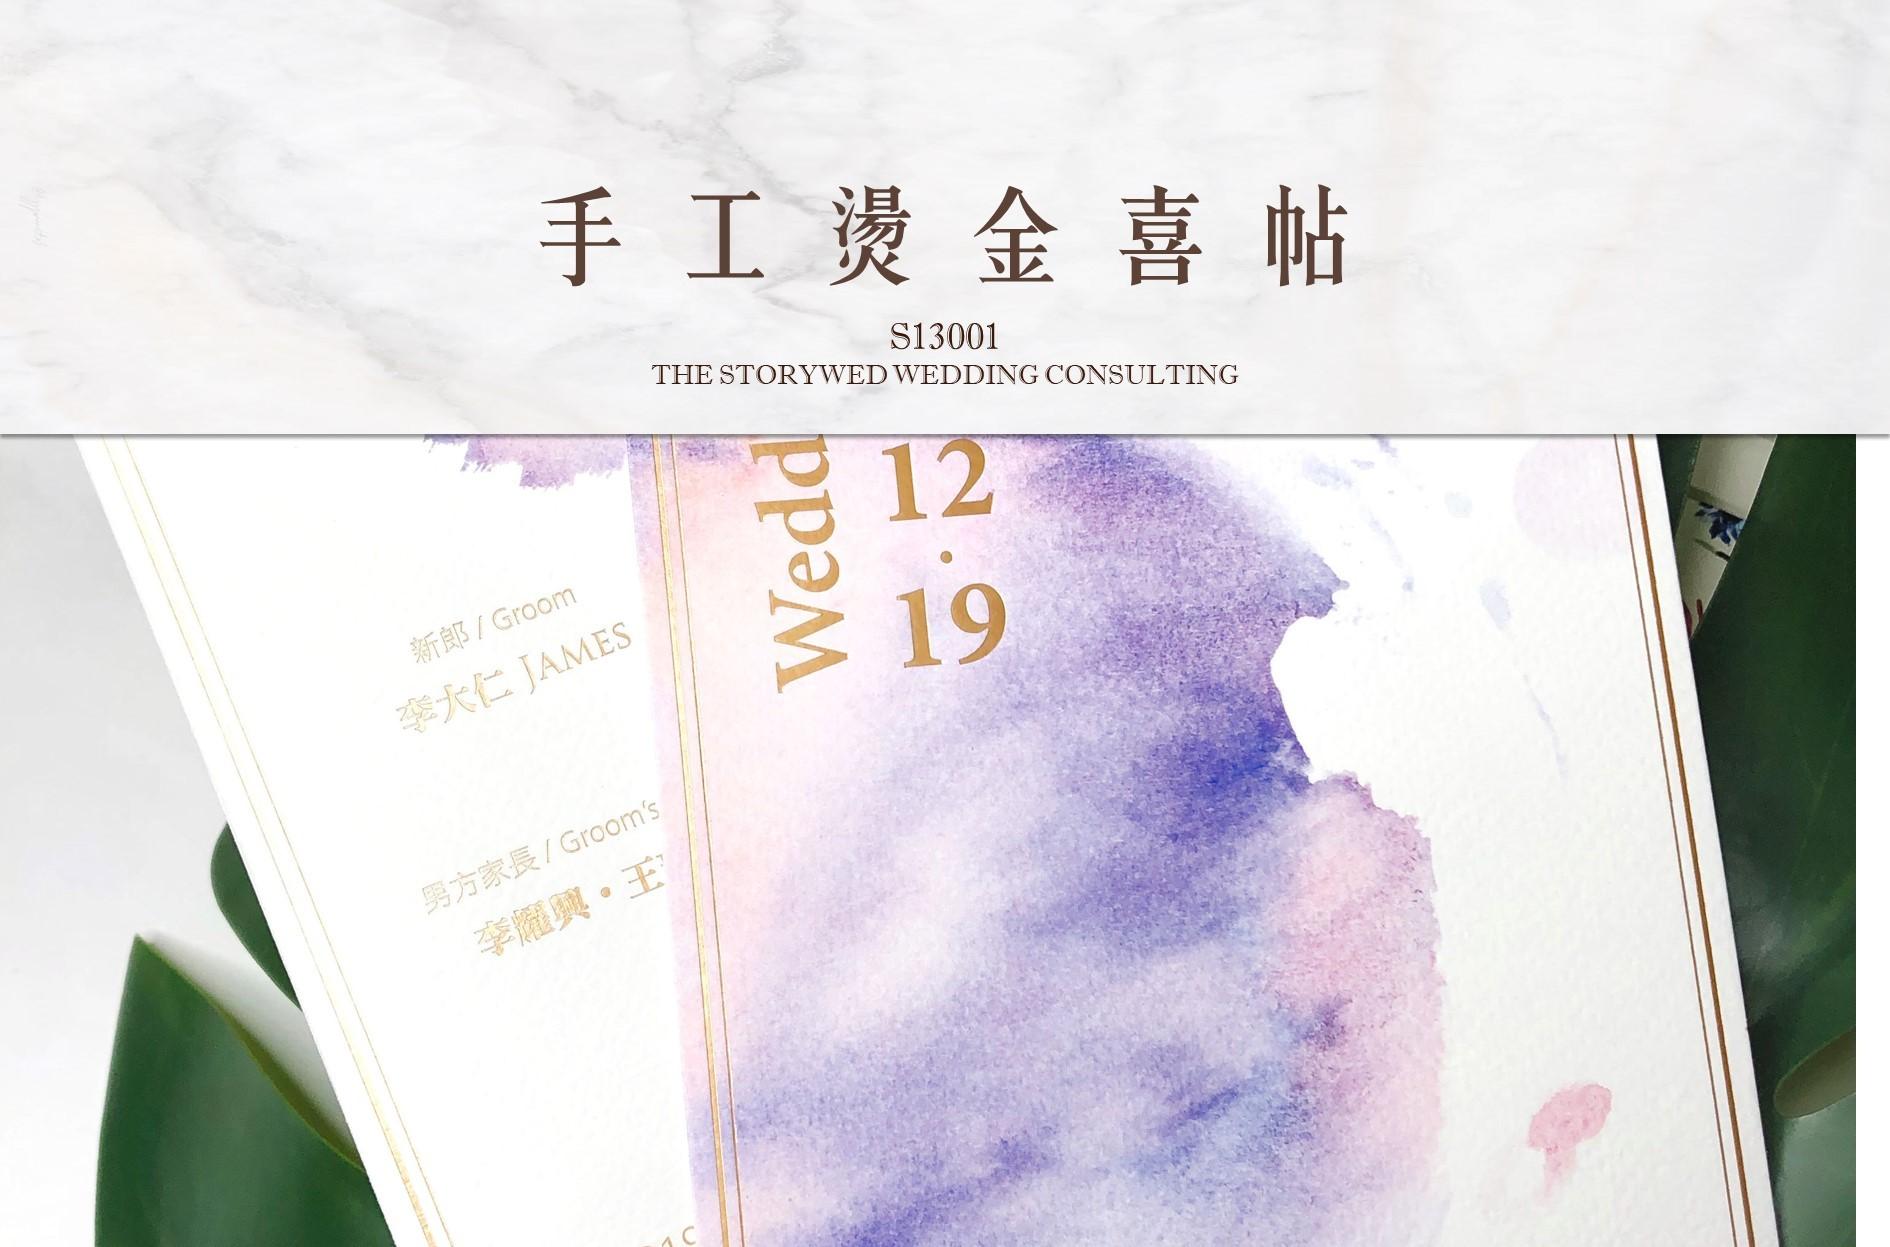 〖婚卡喜帖〗手工燙金x水彩風婚卡 S13001